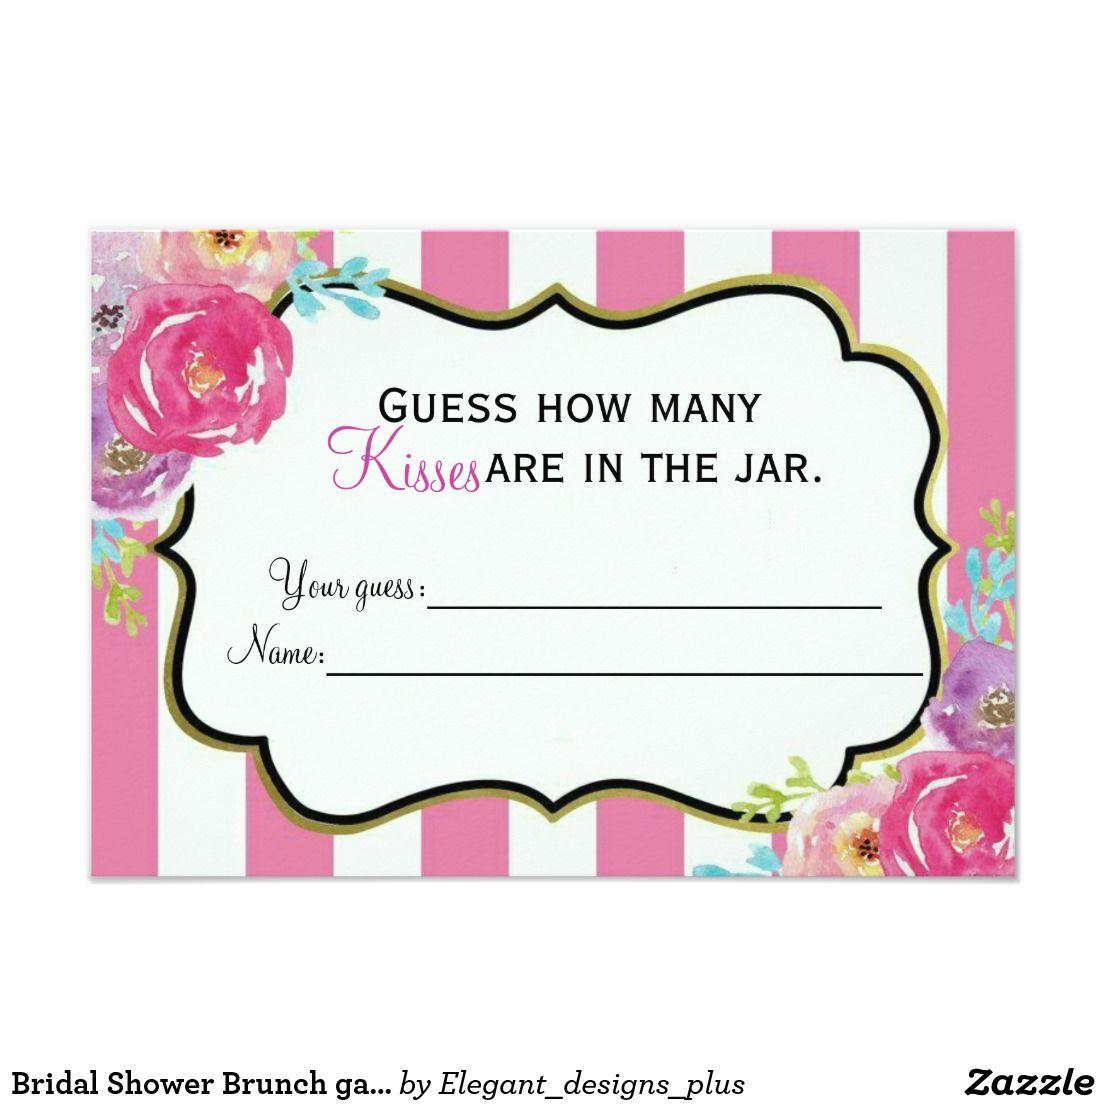 Bridal shower brunch game card bridal